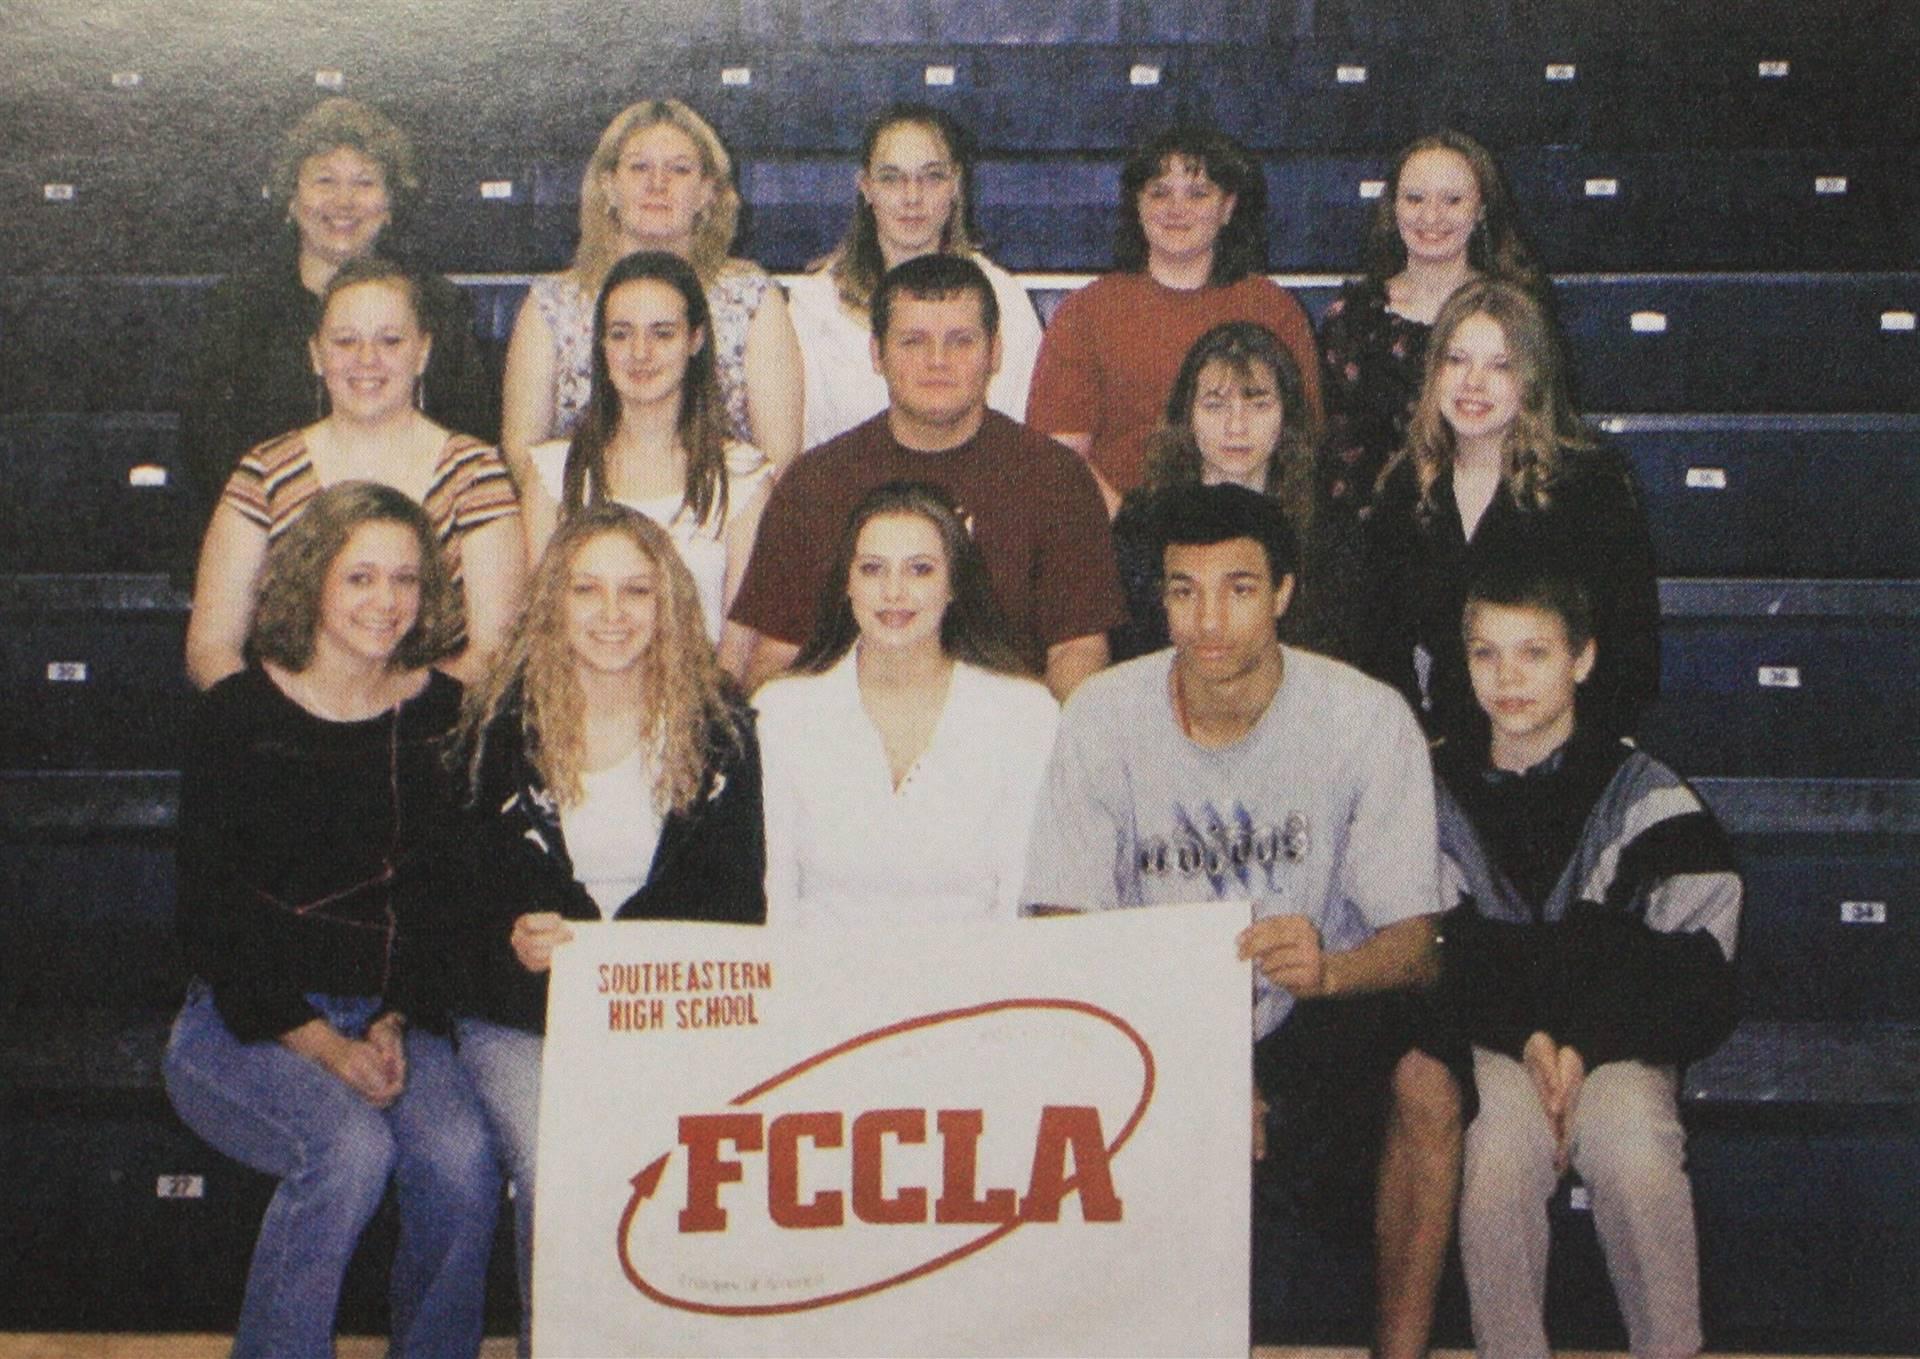 2004 FCCLA